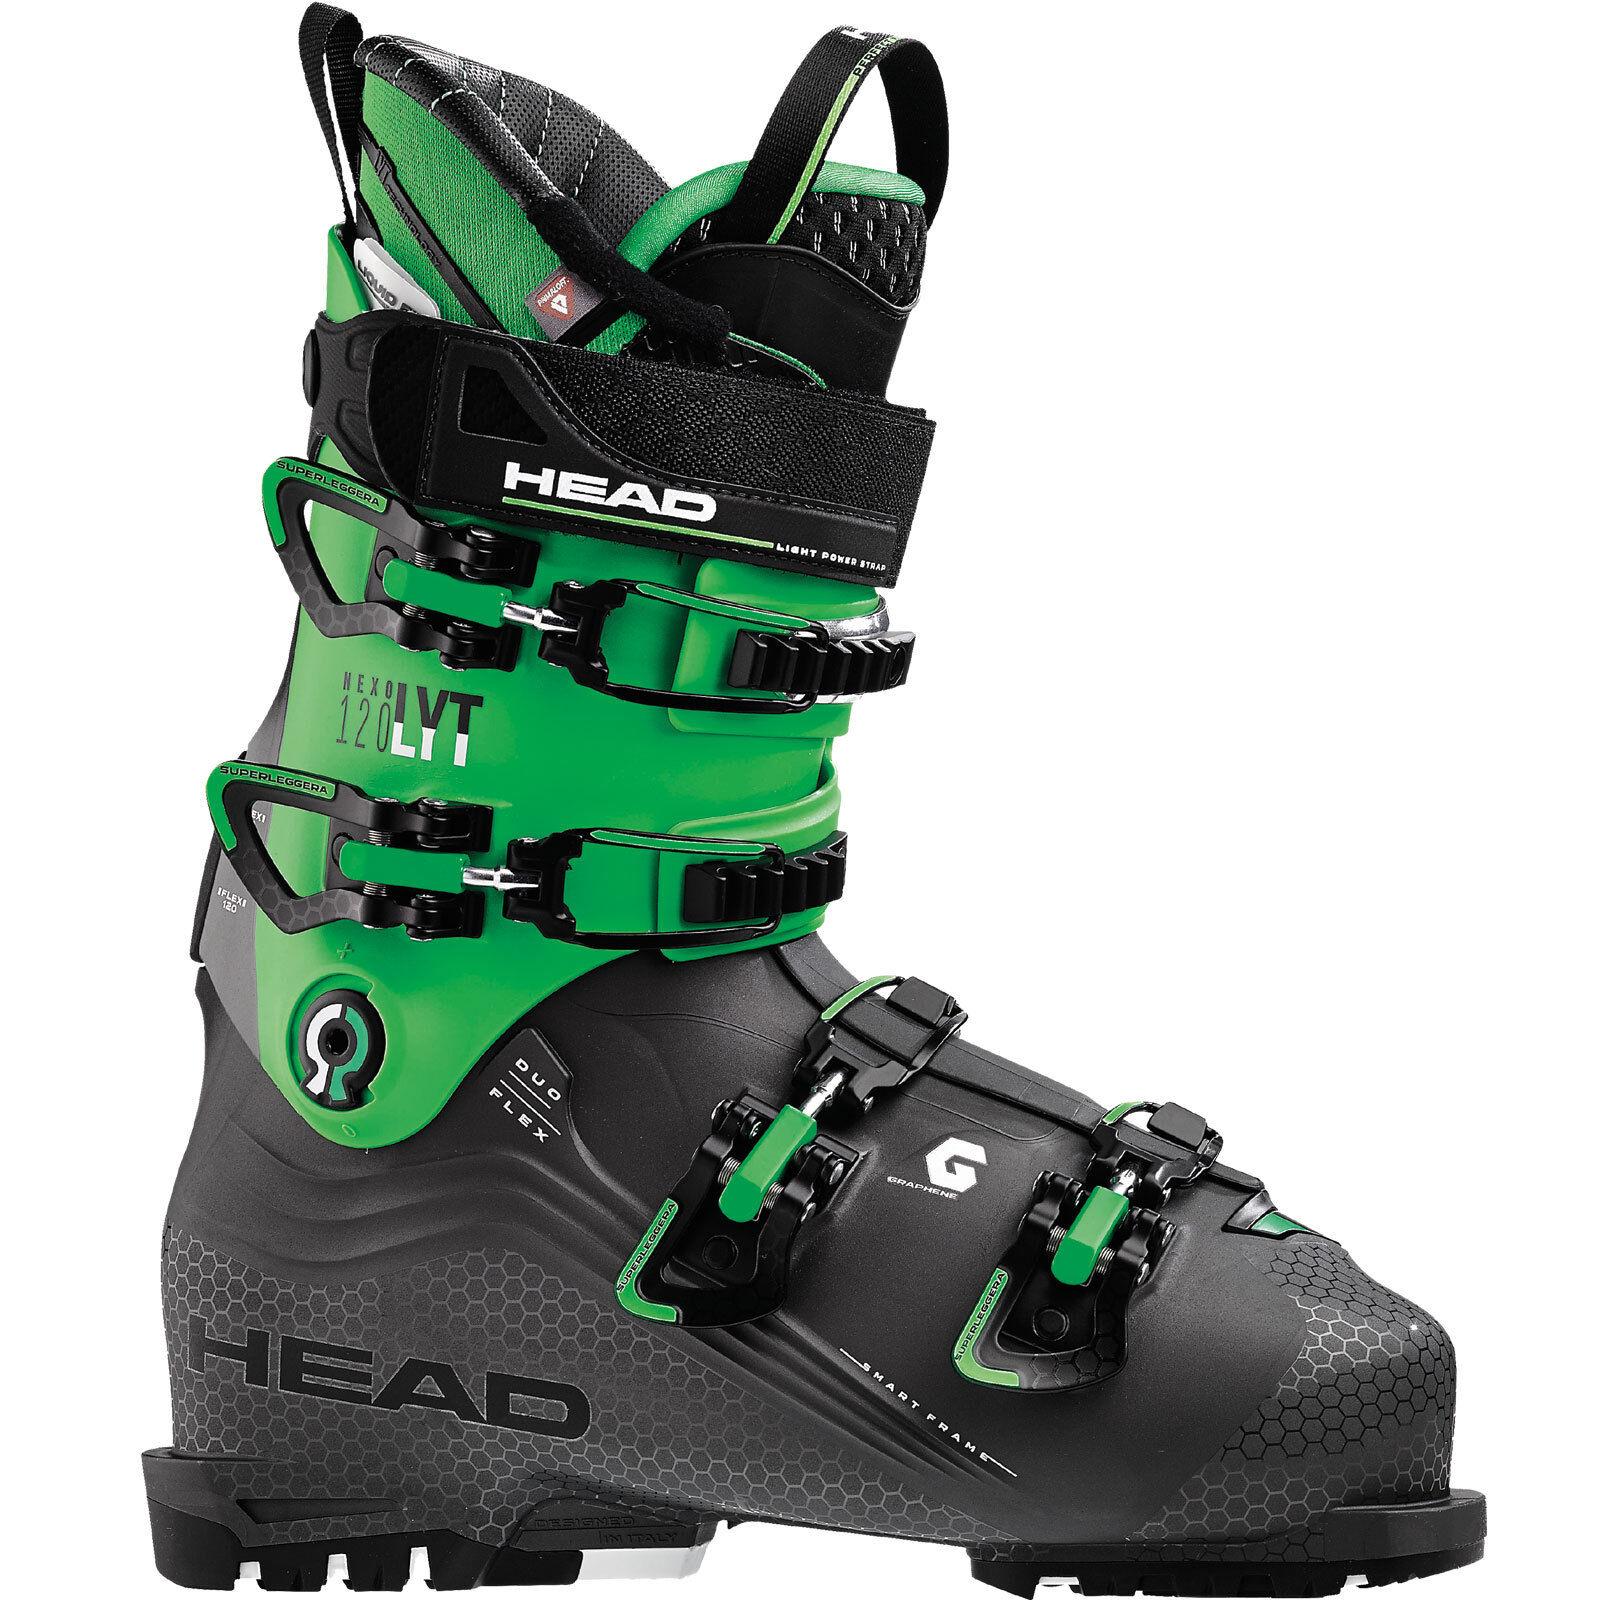 Head Nexo Lyt 120 Herren-Skistiefel Alpin-Schuhe Ski Ski Ski Stiefel SkiStiefel Skischuhe 92b0b6